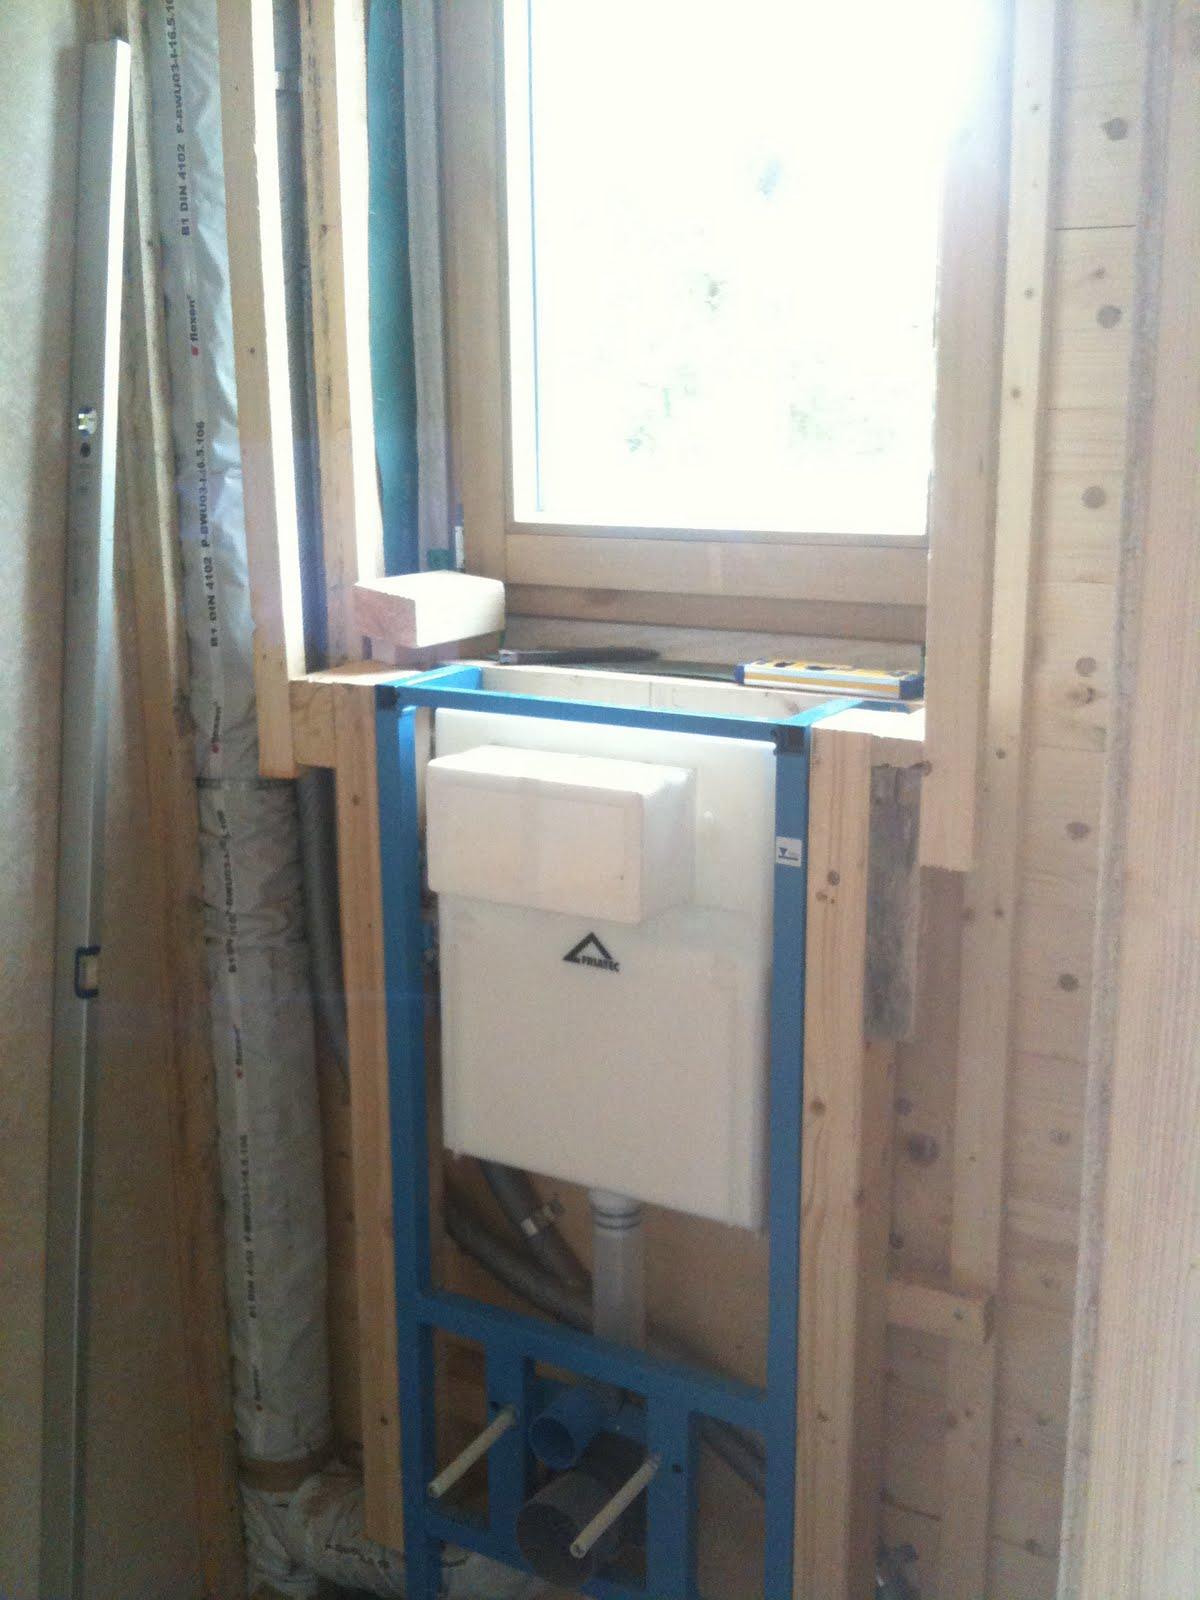 hausbau mit murr holzhaus neuburg rigips unterkonstruktion vorbereitung blower door test. Black Bedroom Furniture Sets. Home Design Ideas